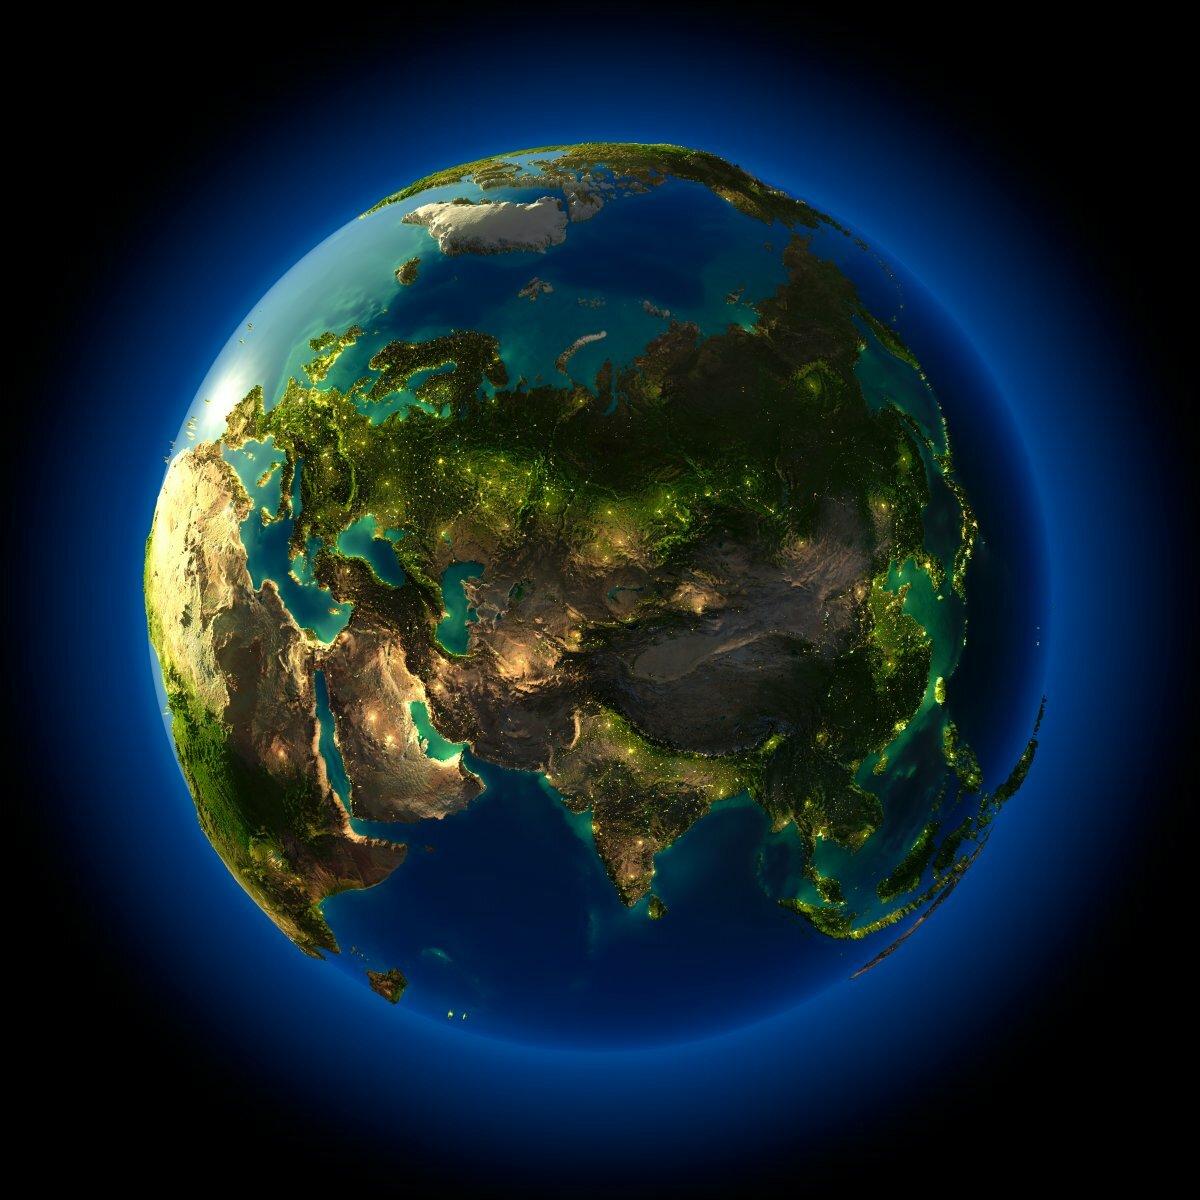 земной шар фото из космоса этом одна тканей